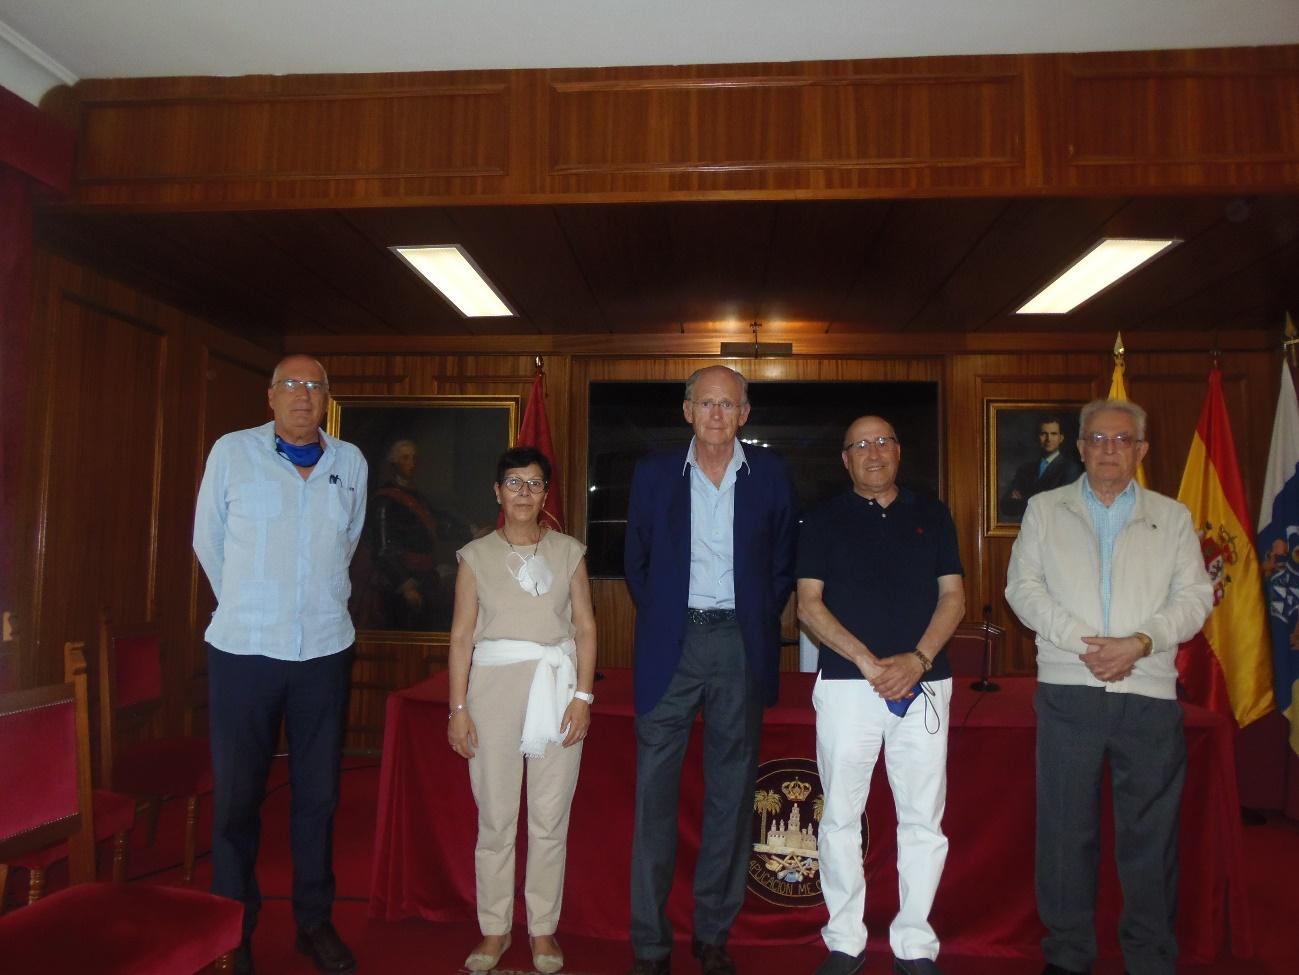 Foto de la visita del presidente de la RSEAP de Cartagena a la RSEAP de Gran Canaria